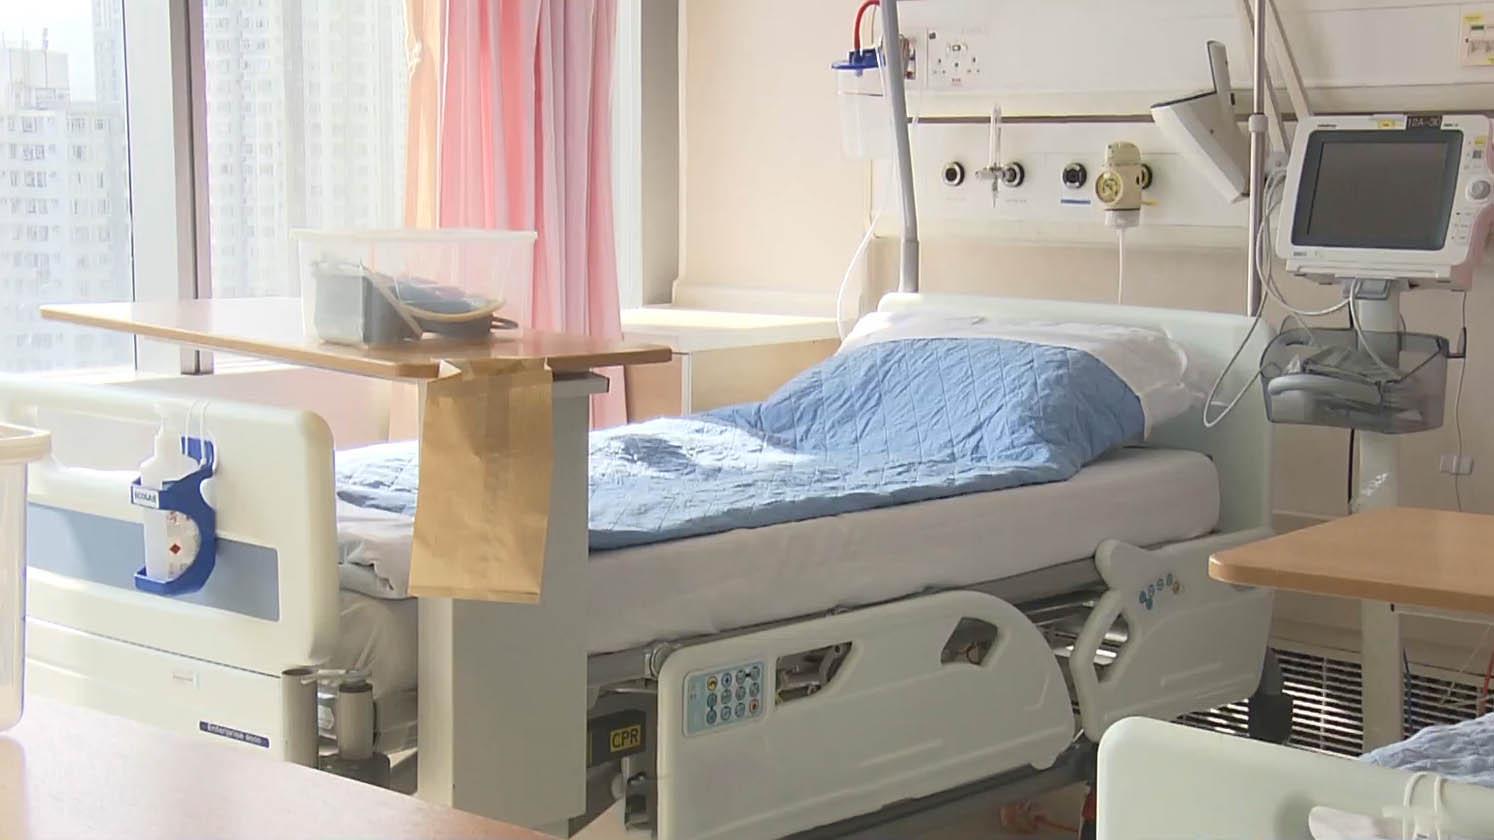 確診者急升 醫管局:已加快改裝普通病房為二線隔離病房